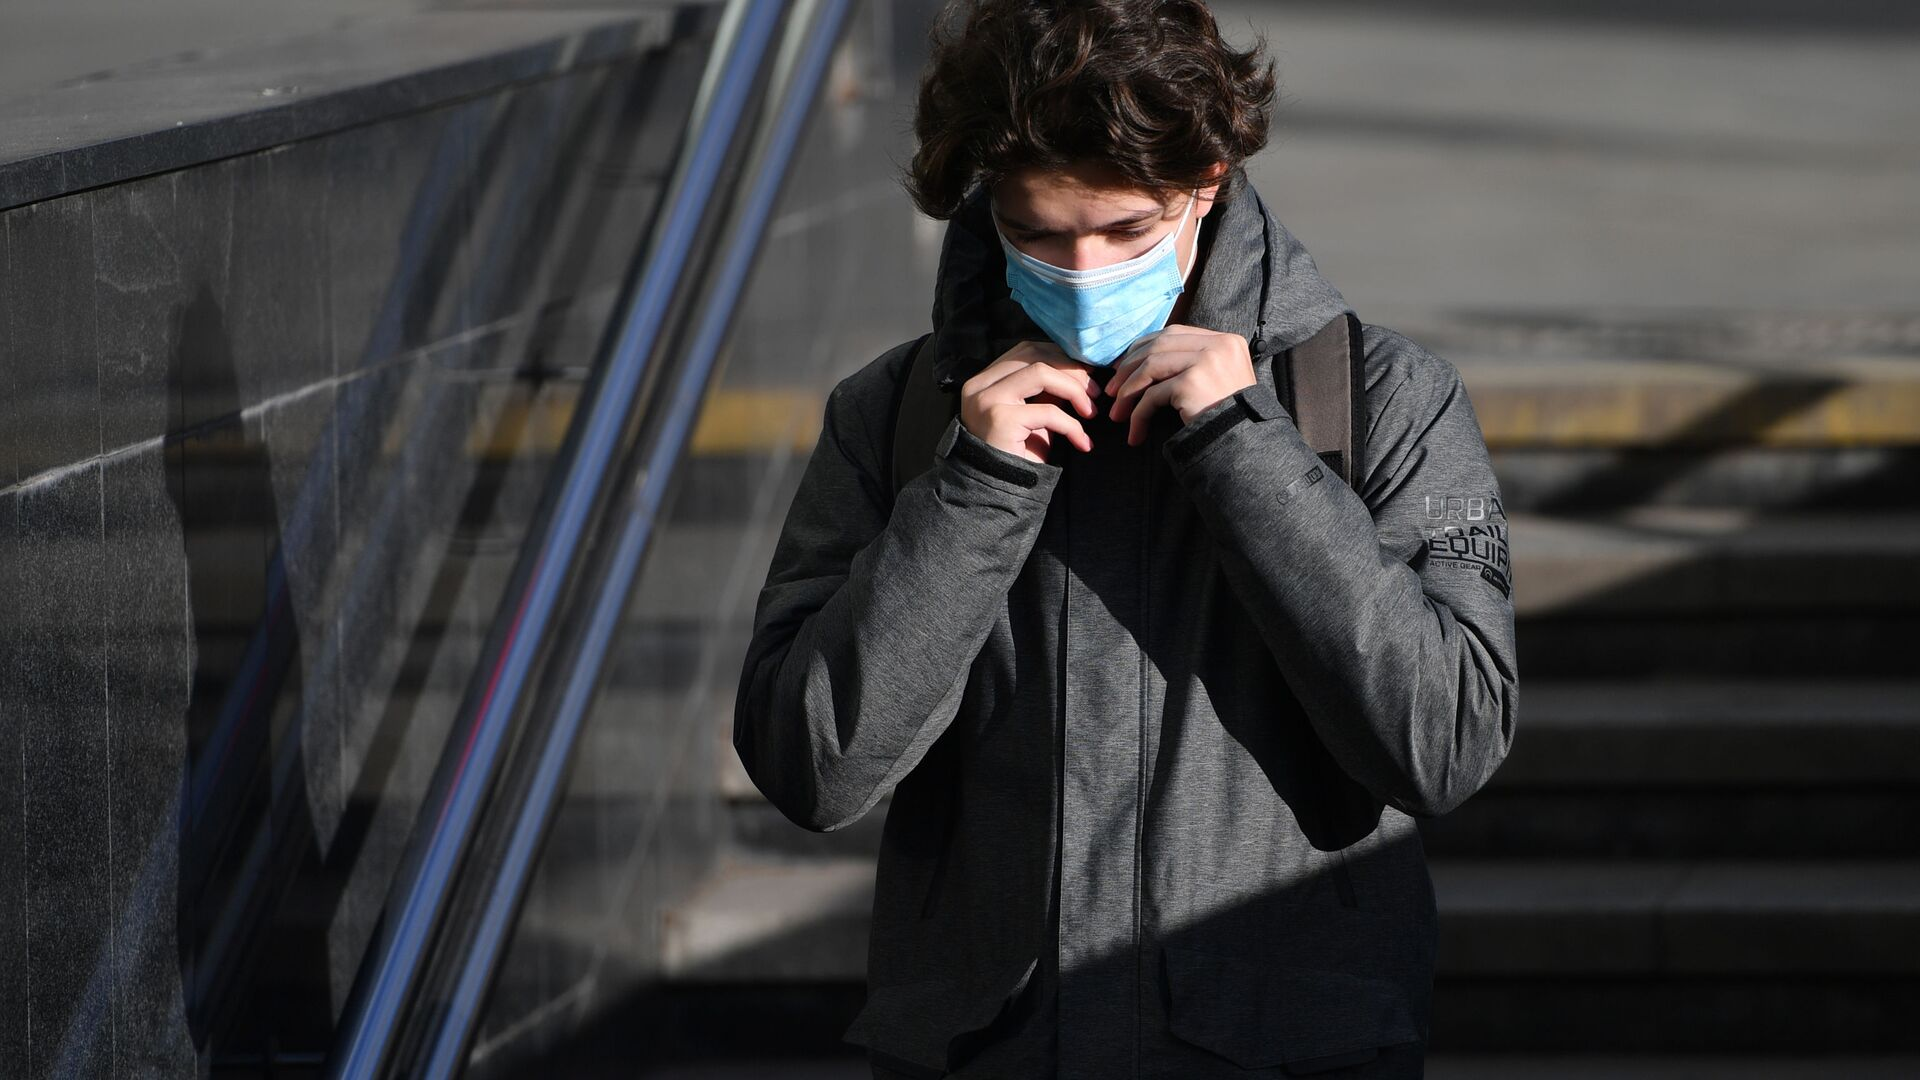 Coronavirus in Russia -un ragazzo in maschera protettiva sulla strada a Mosca - Sputnik Italia, 1920, 05.02.2021